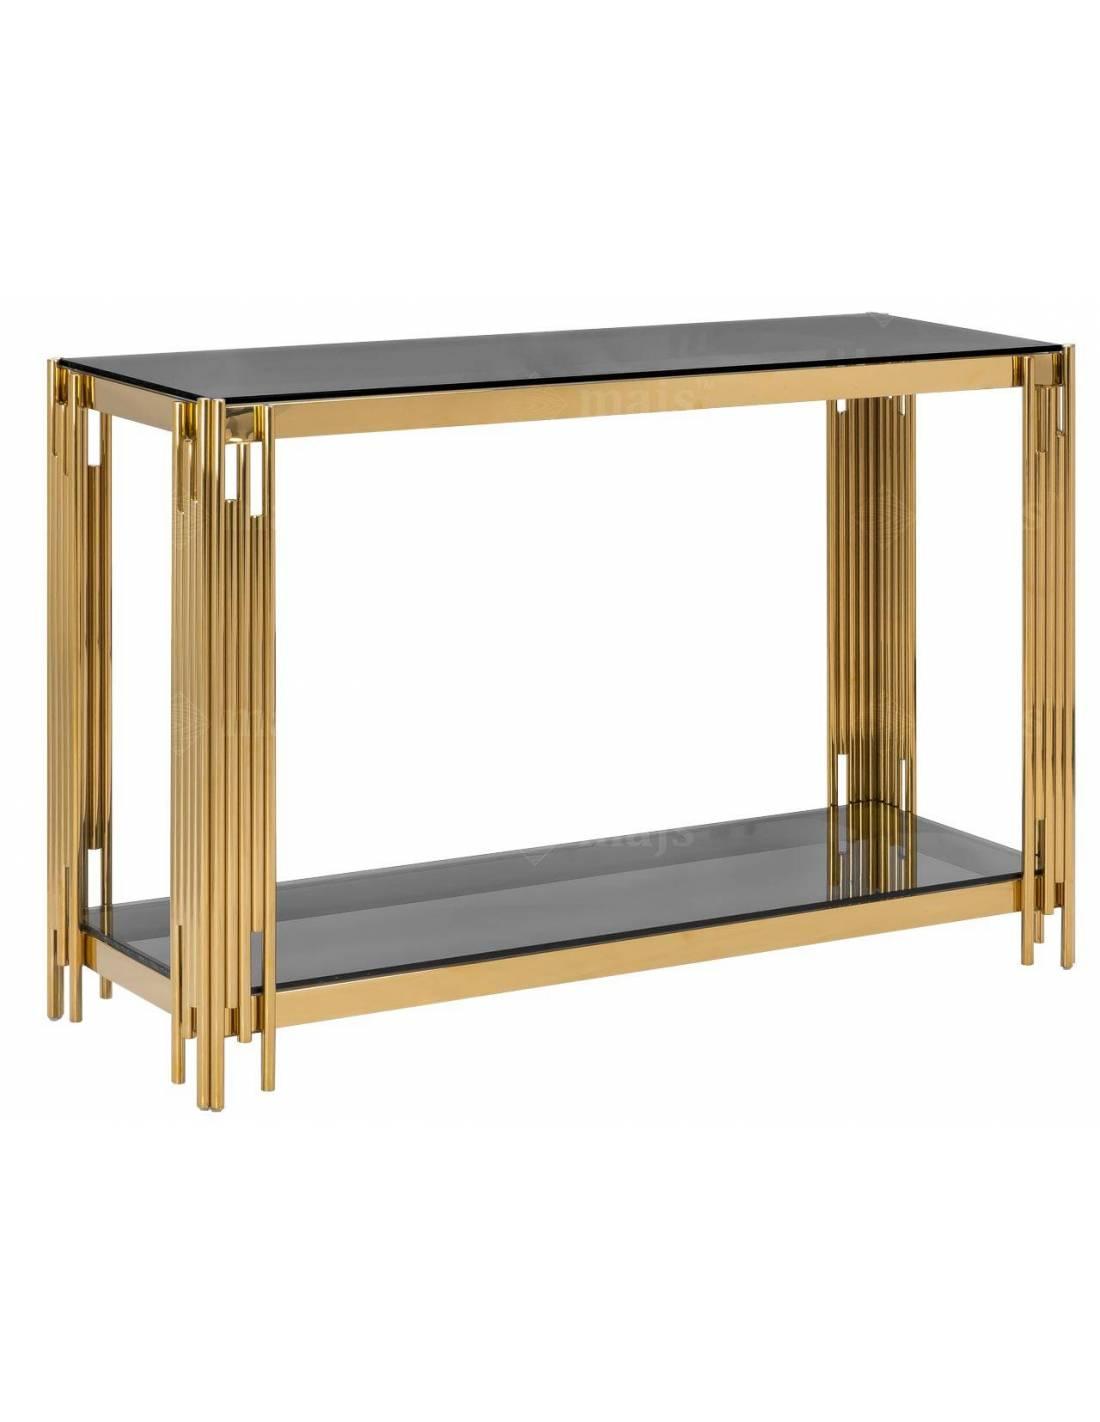 Złota metalowa konsola ze szklanym przyciemnionym blatem